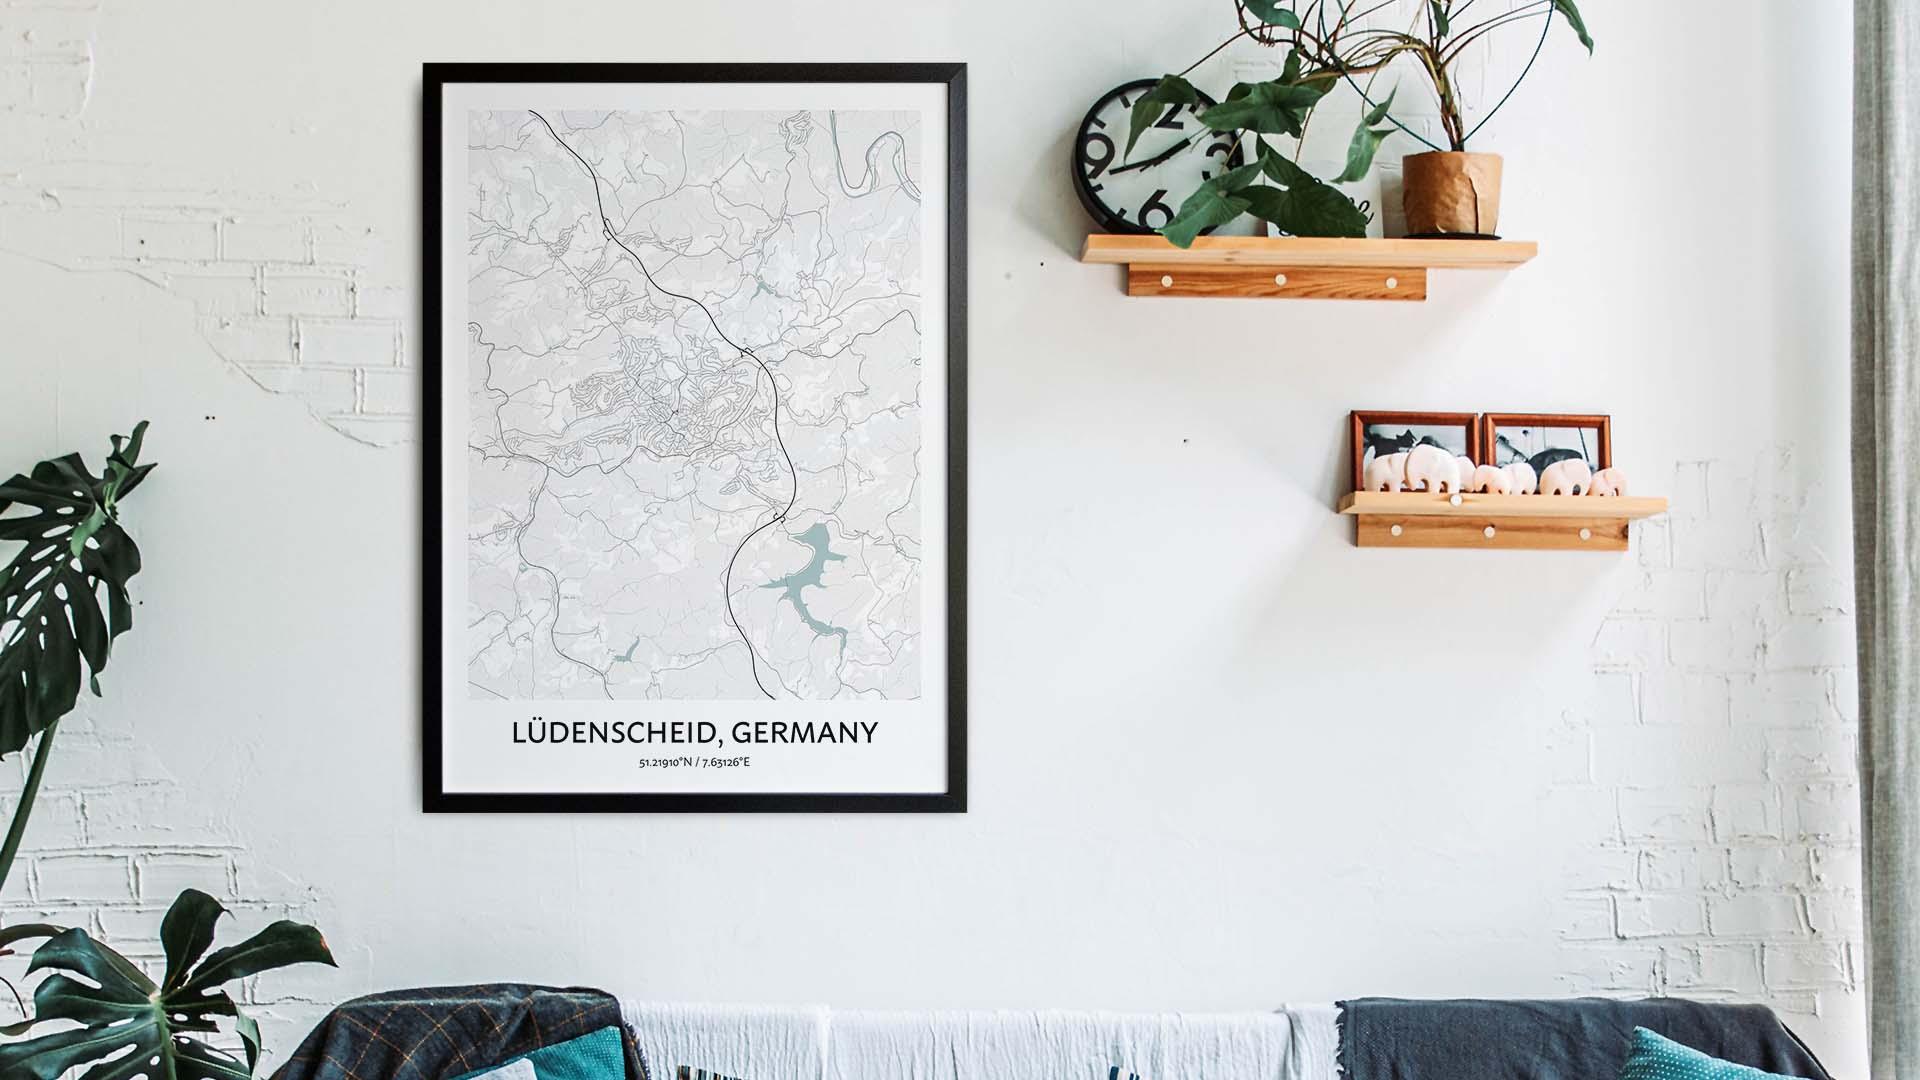 Ludenscheid map art